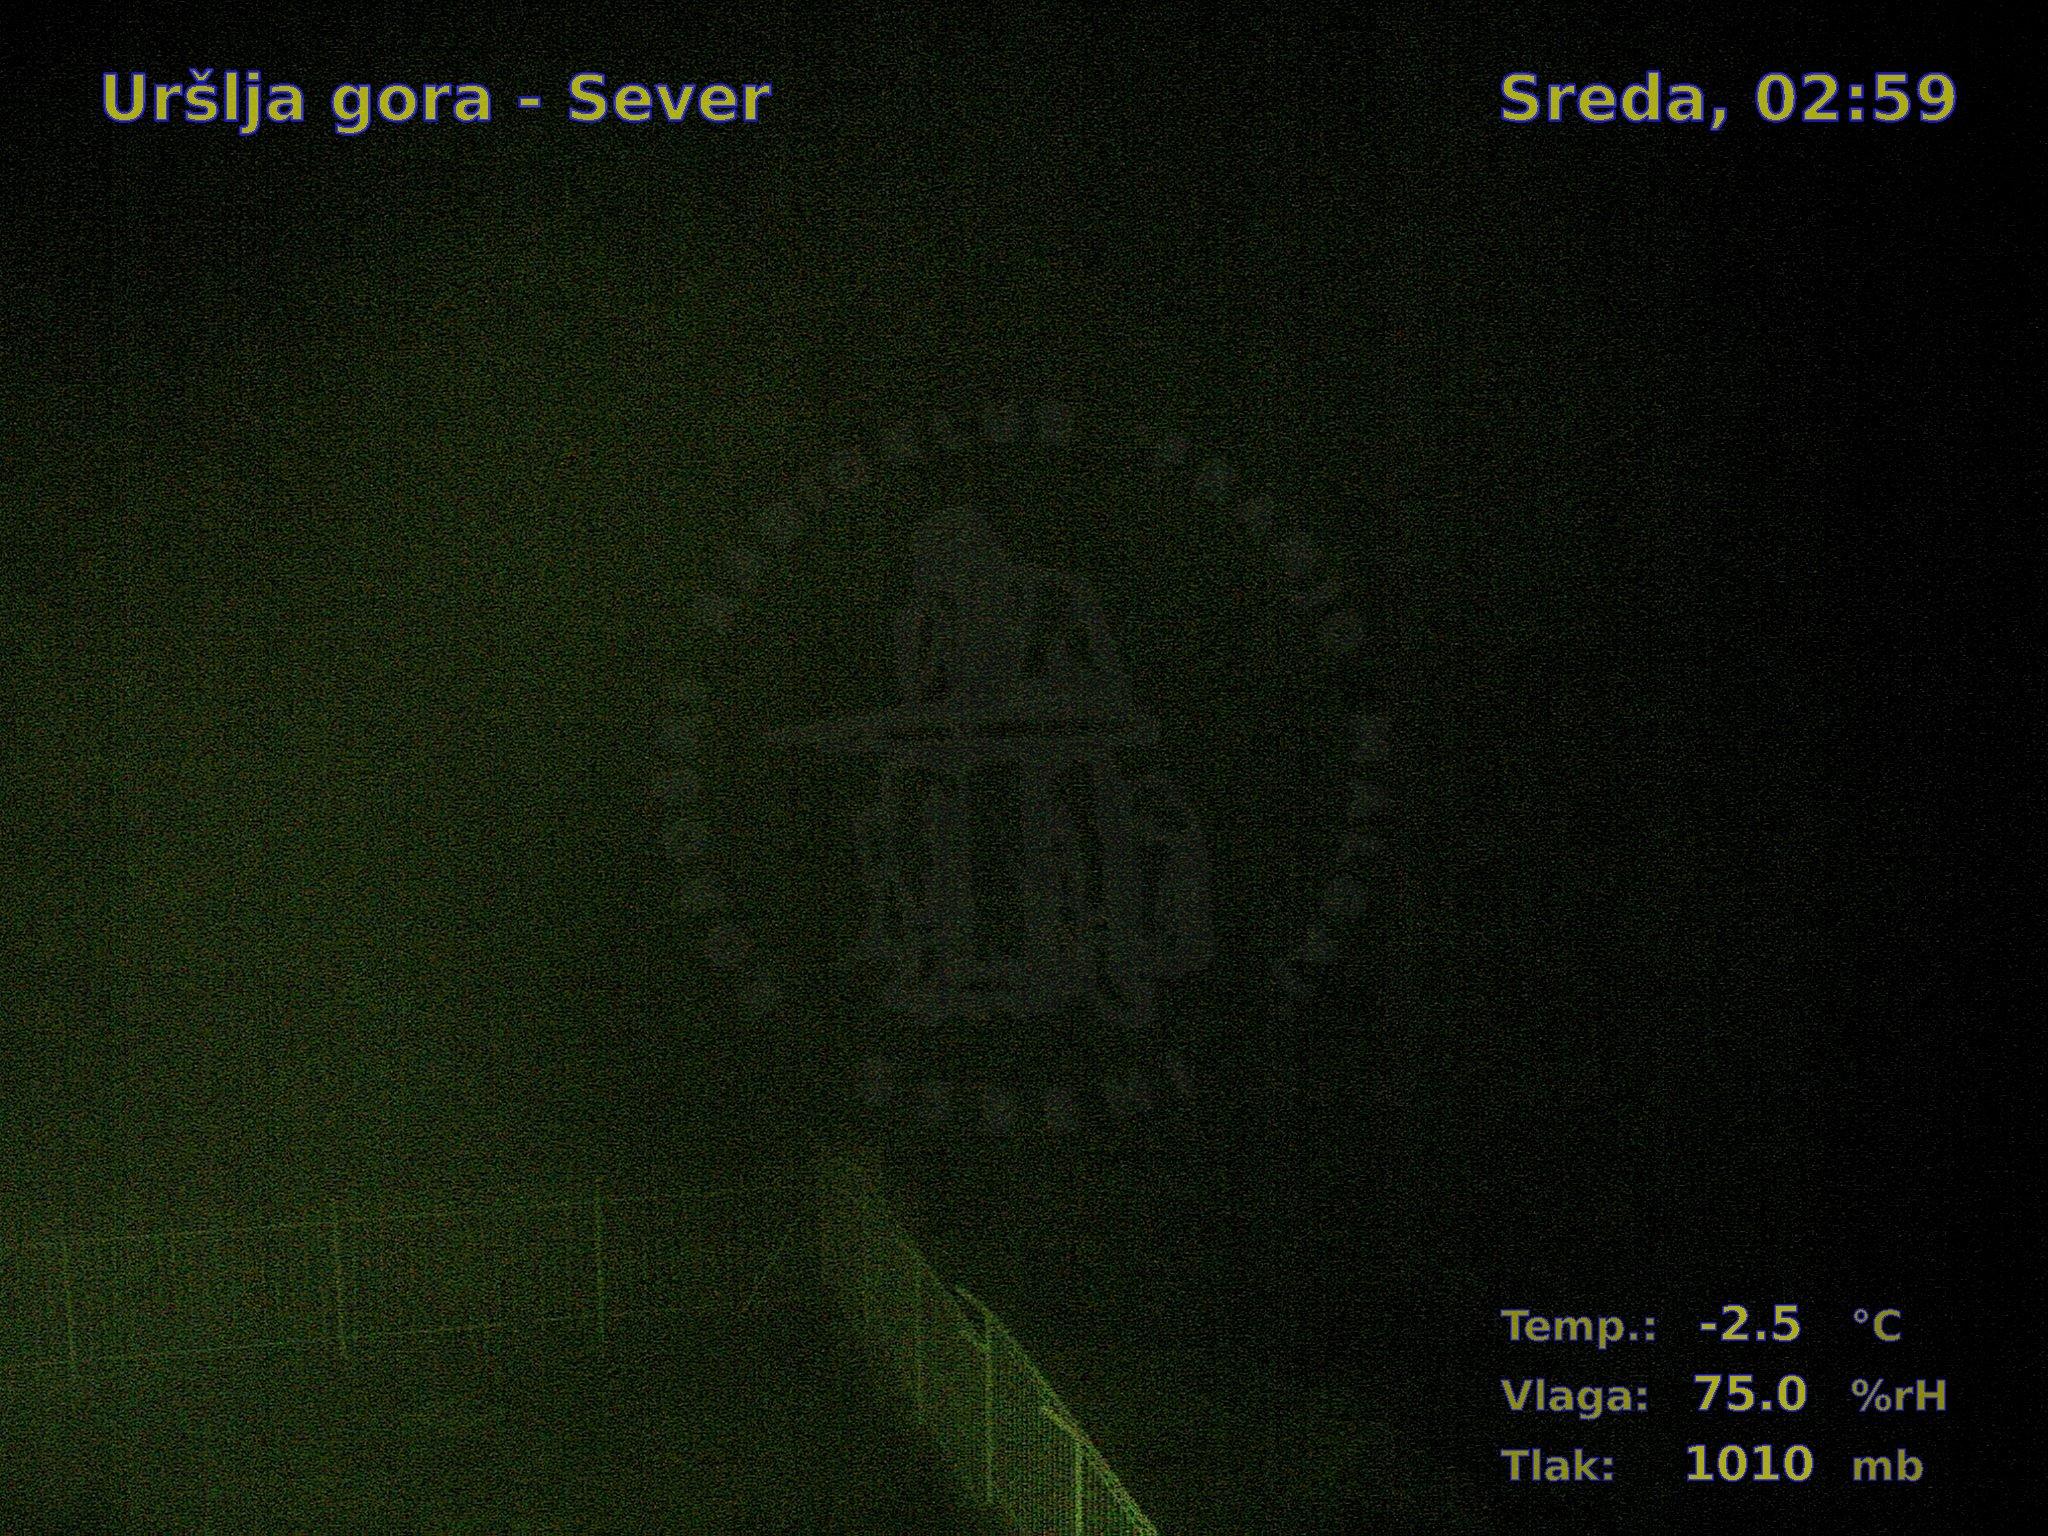 Uršlja gora-Sever, 02:00